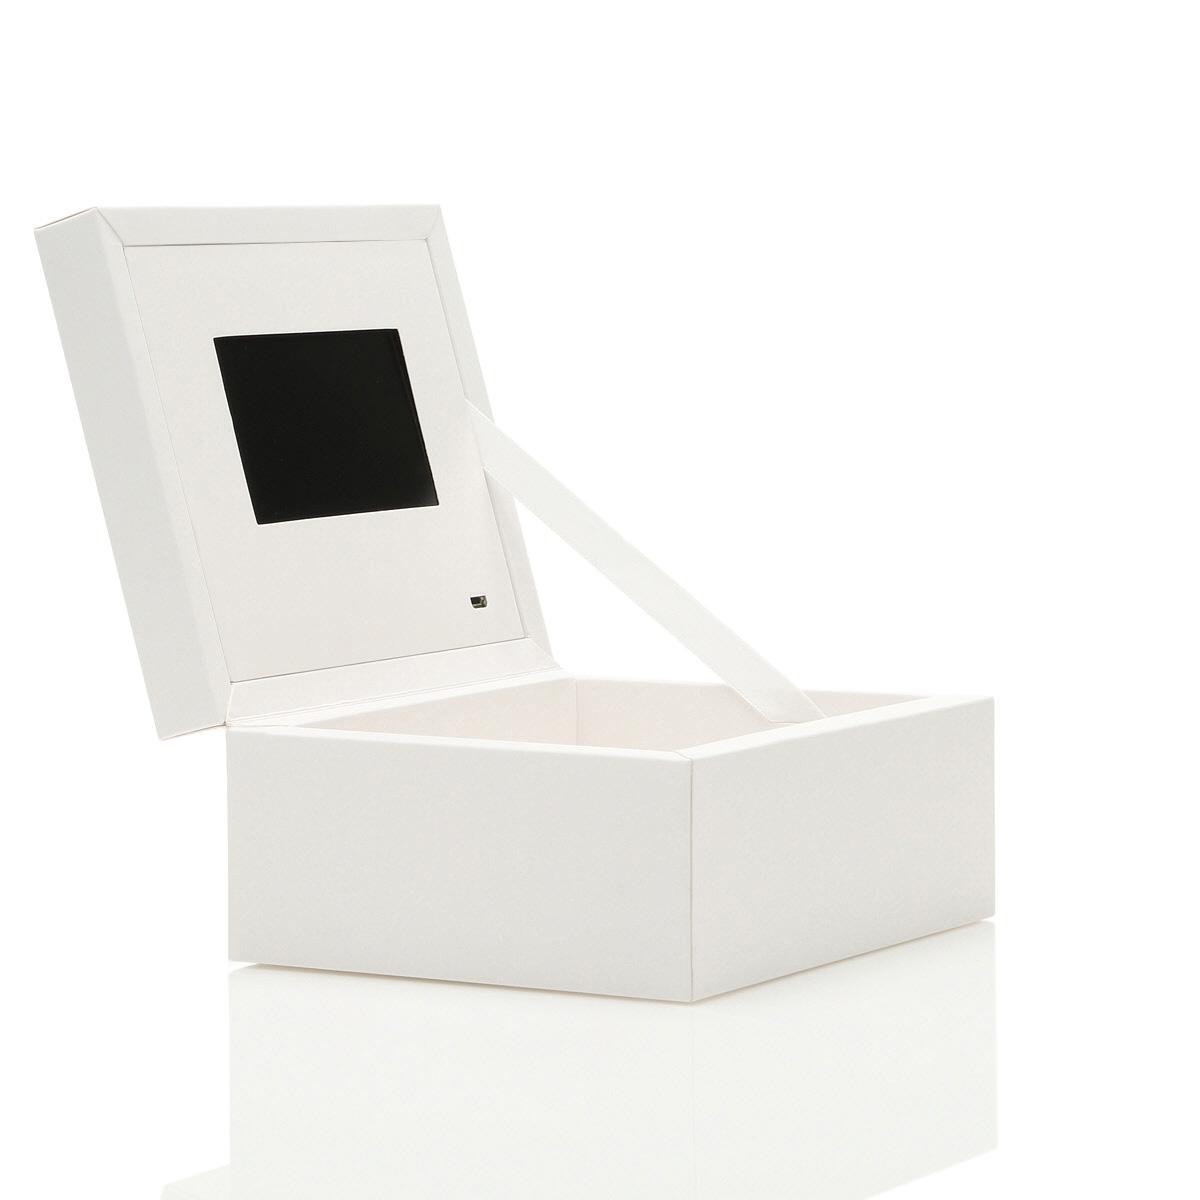 cheap white boxes